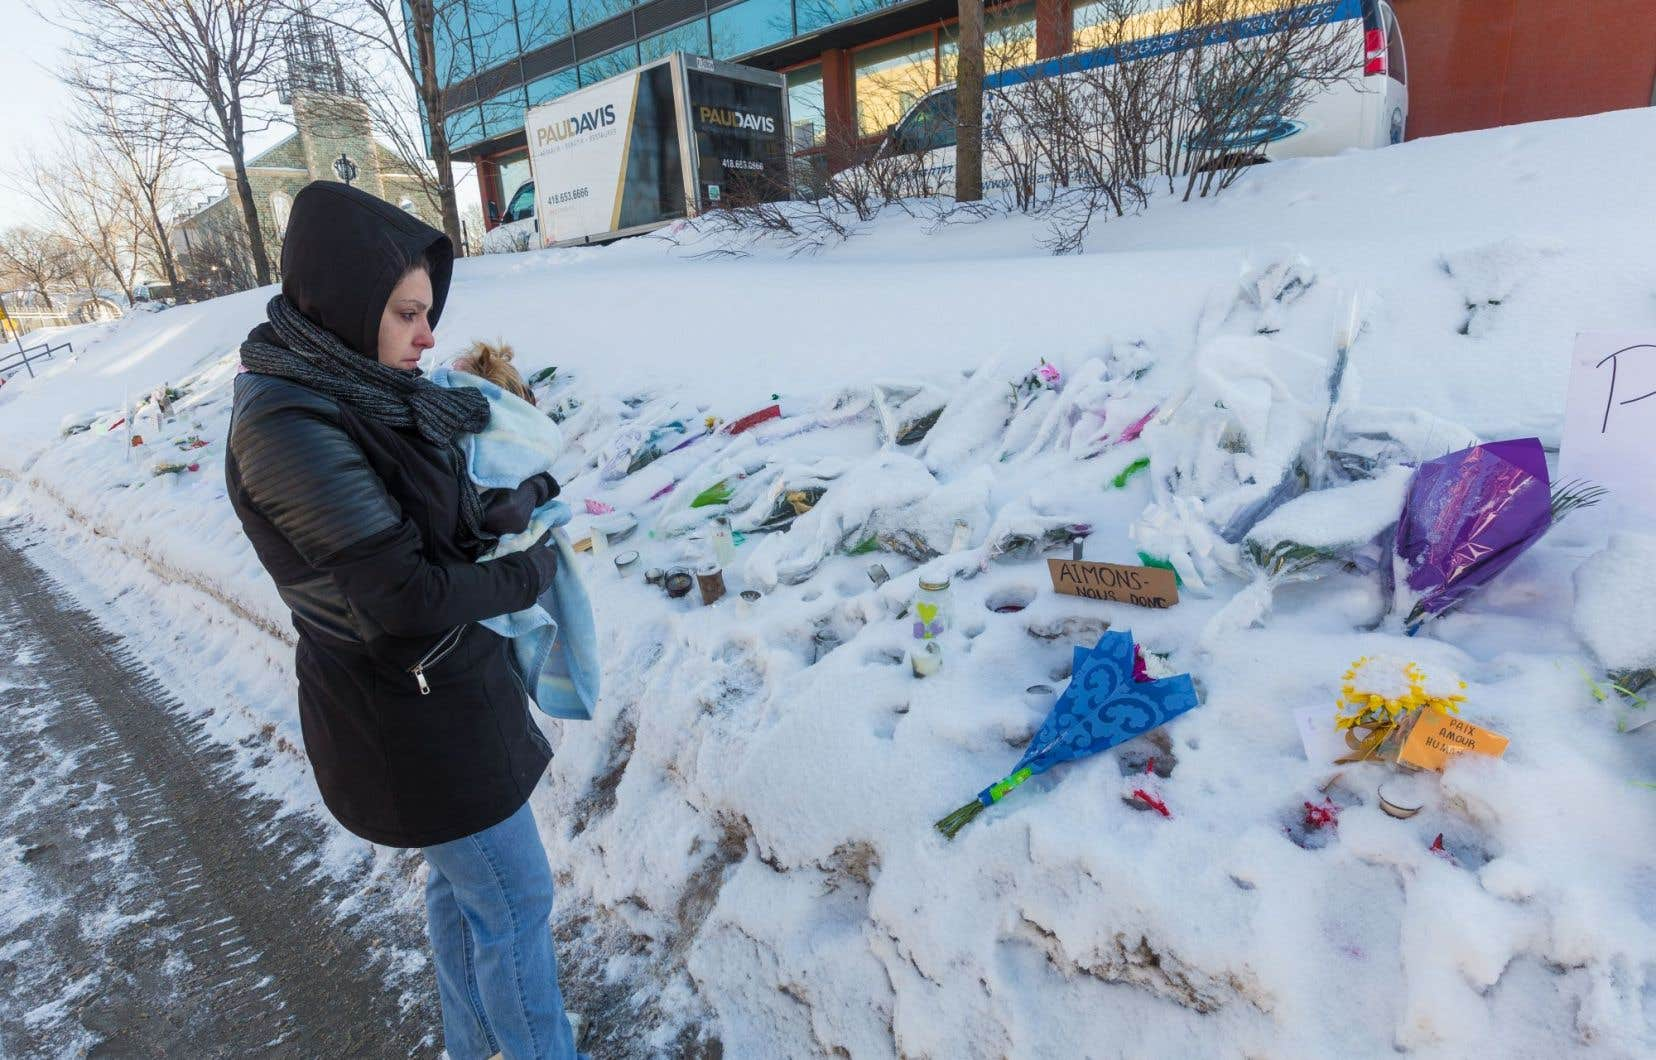 La responsabilité criminelle de l'auteur présumé du meurtre des six fidèles de la grande mosquée de Québec devrait occuper une place importante dans un éventuel procès.